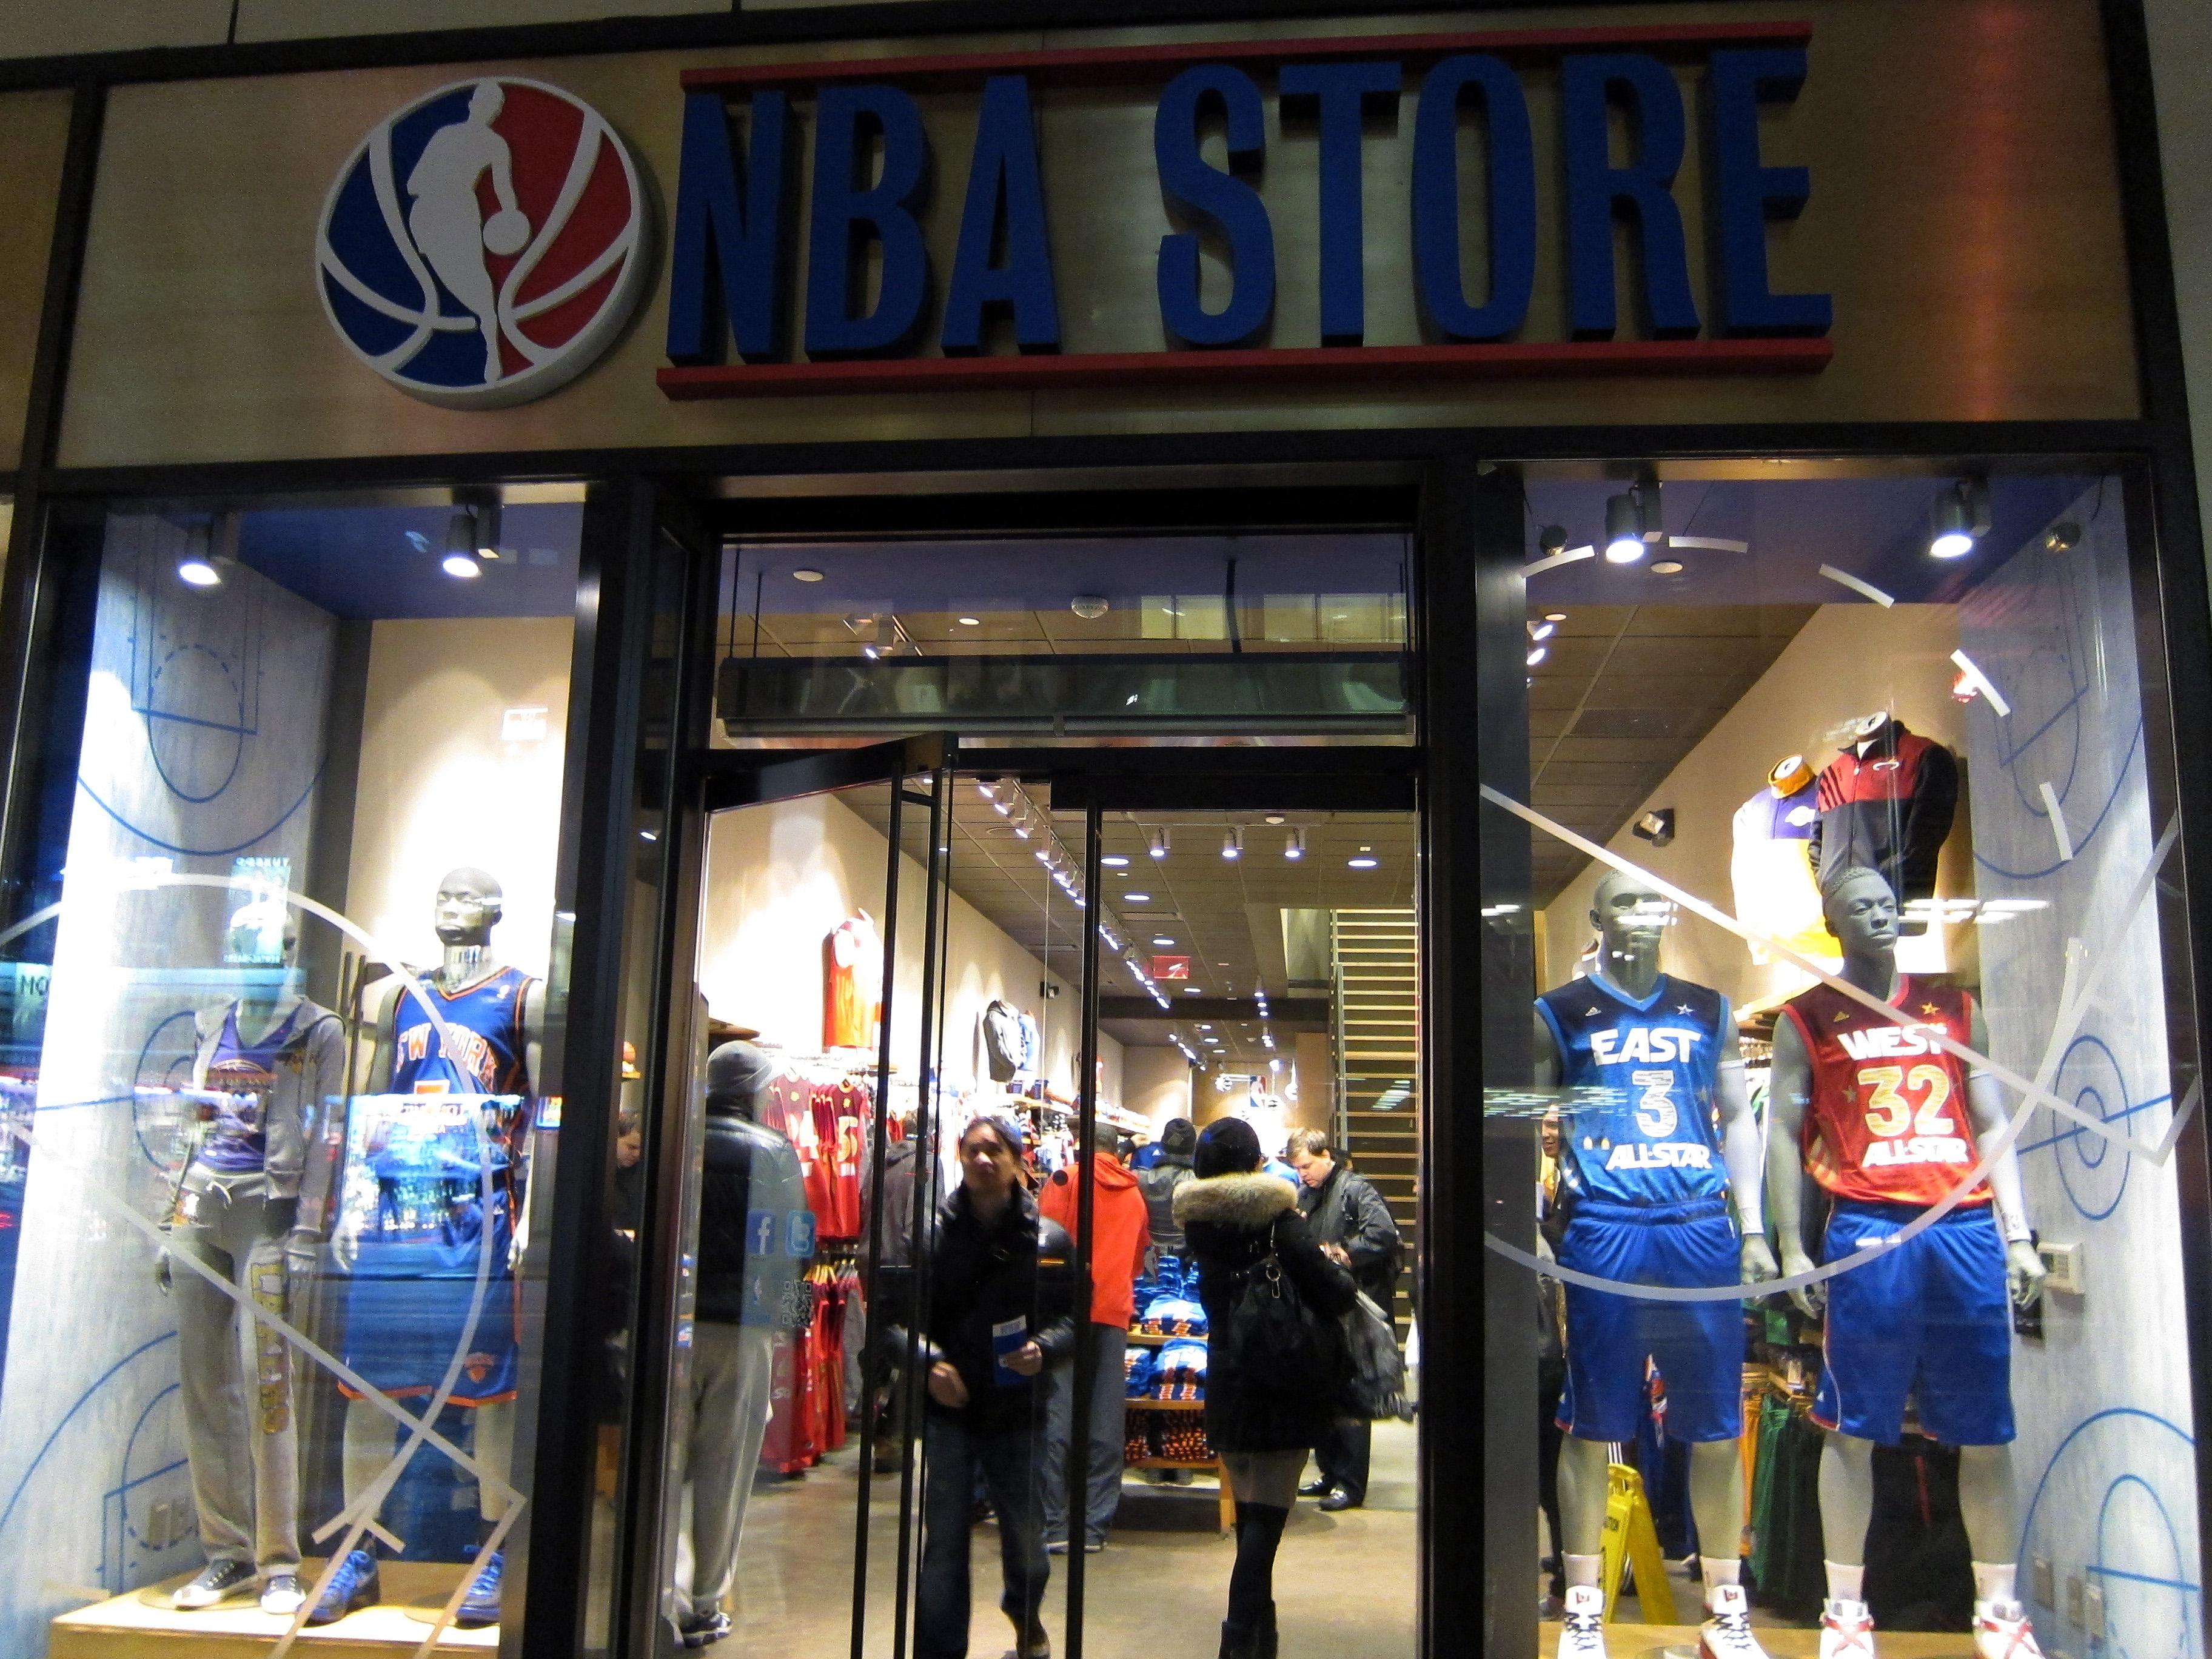 Nba.com store